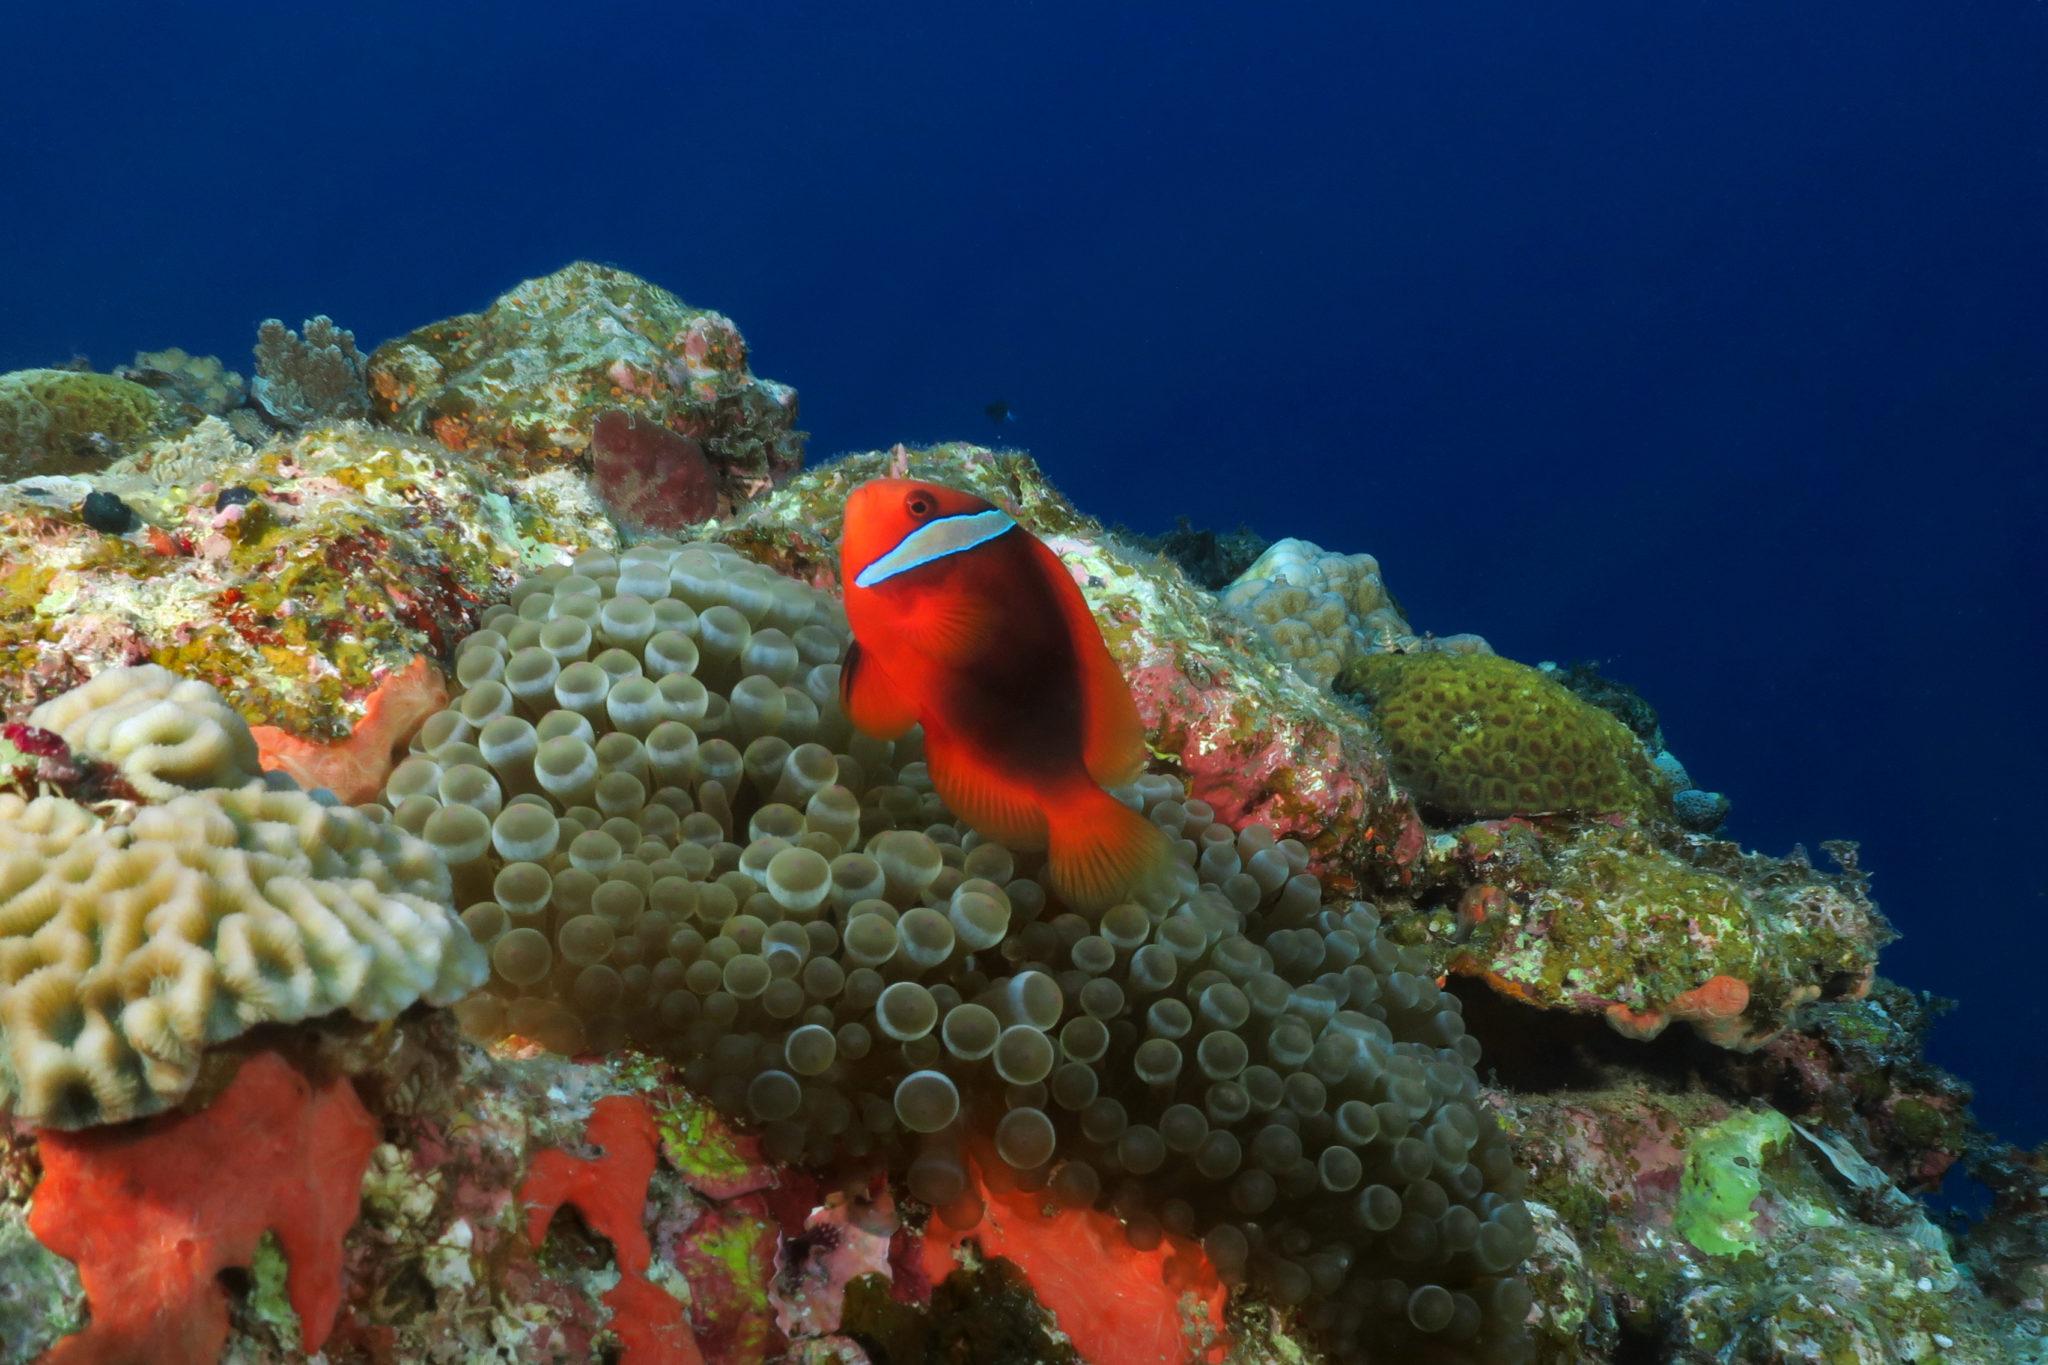 Scuba diving Kerama National Park Okinawa Japan